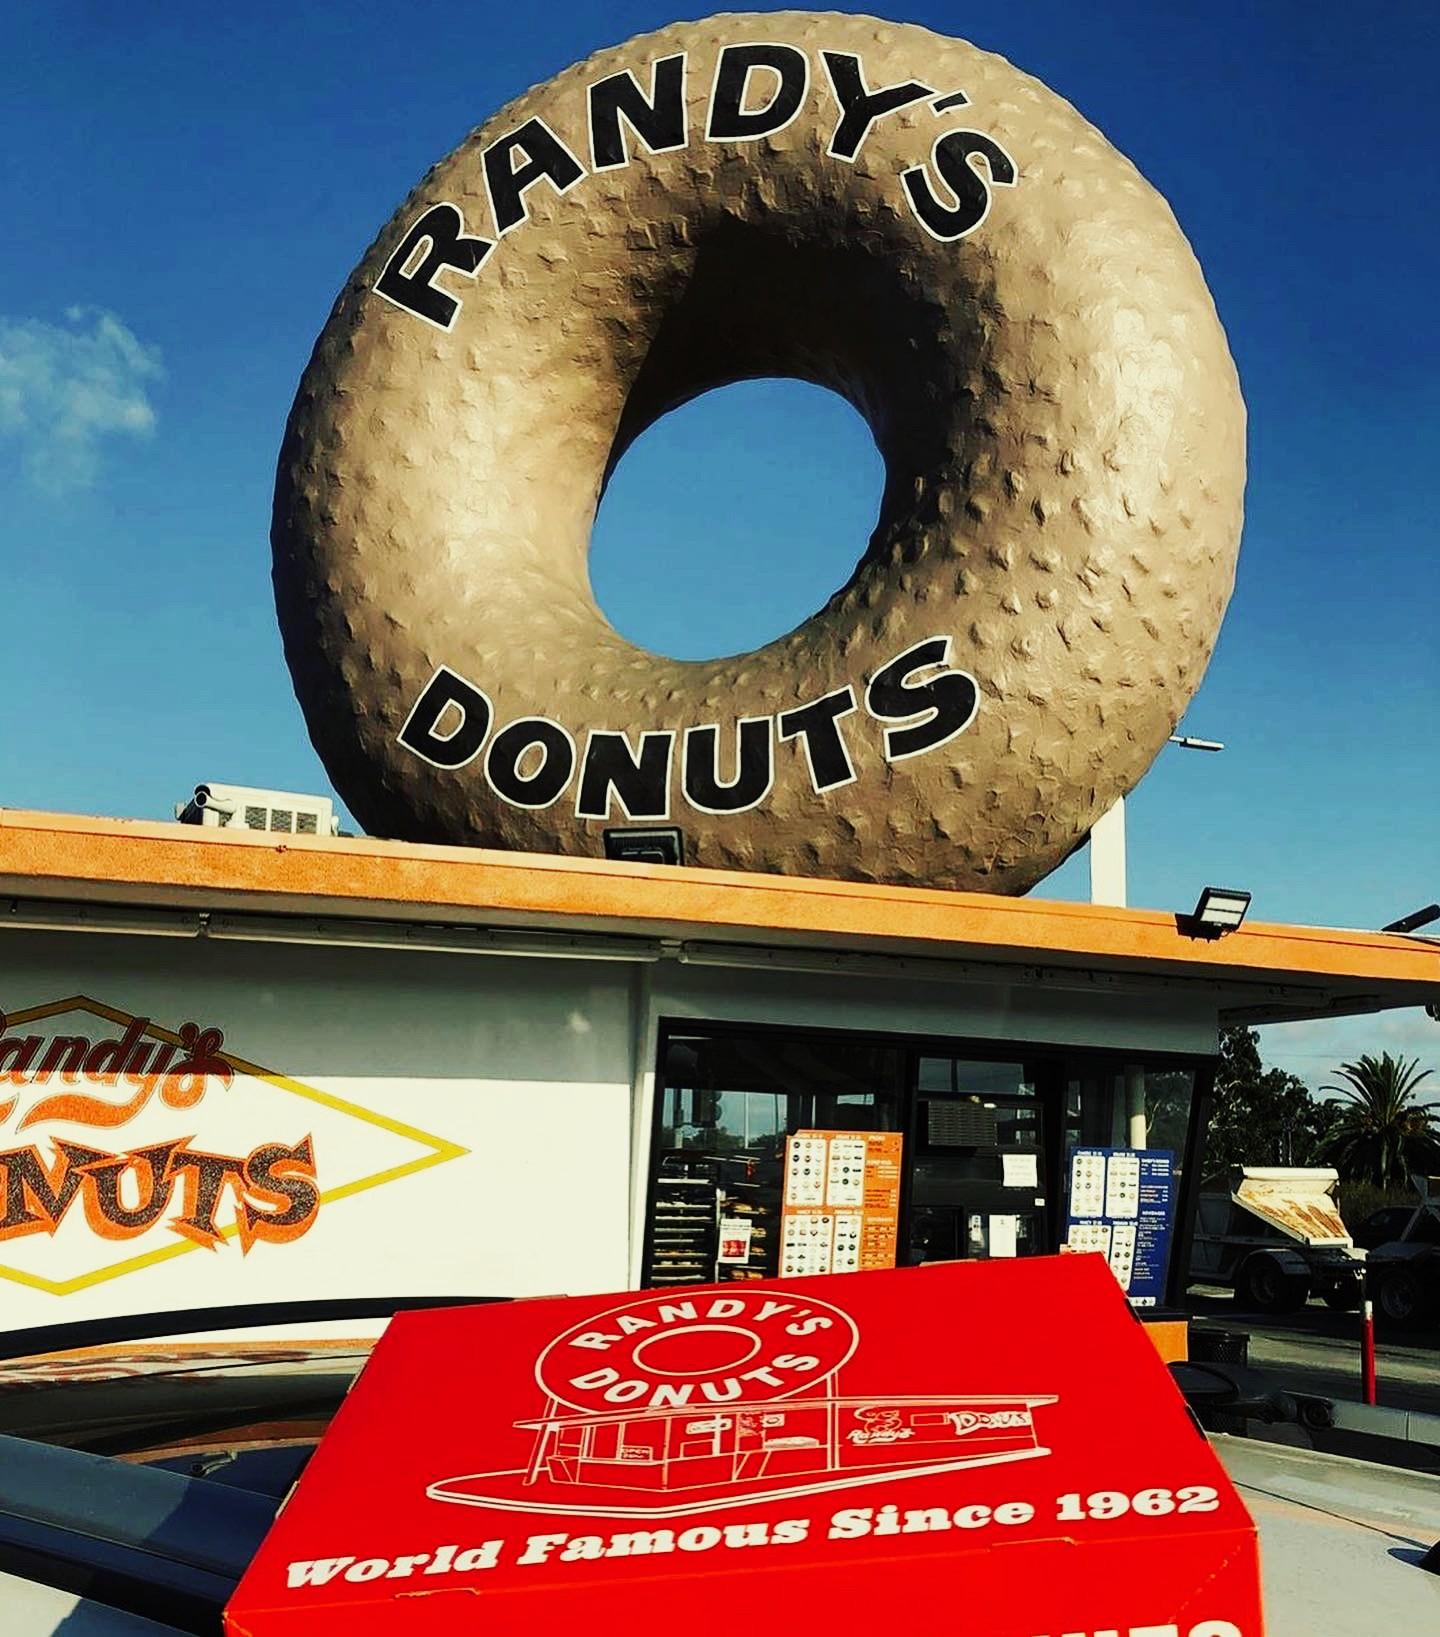 The exterior of a doughnut shop with a giant doughnut on top.